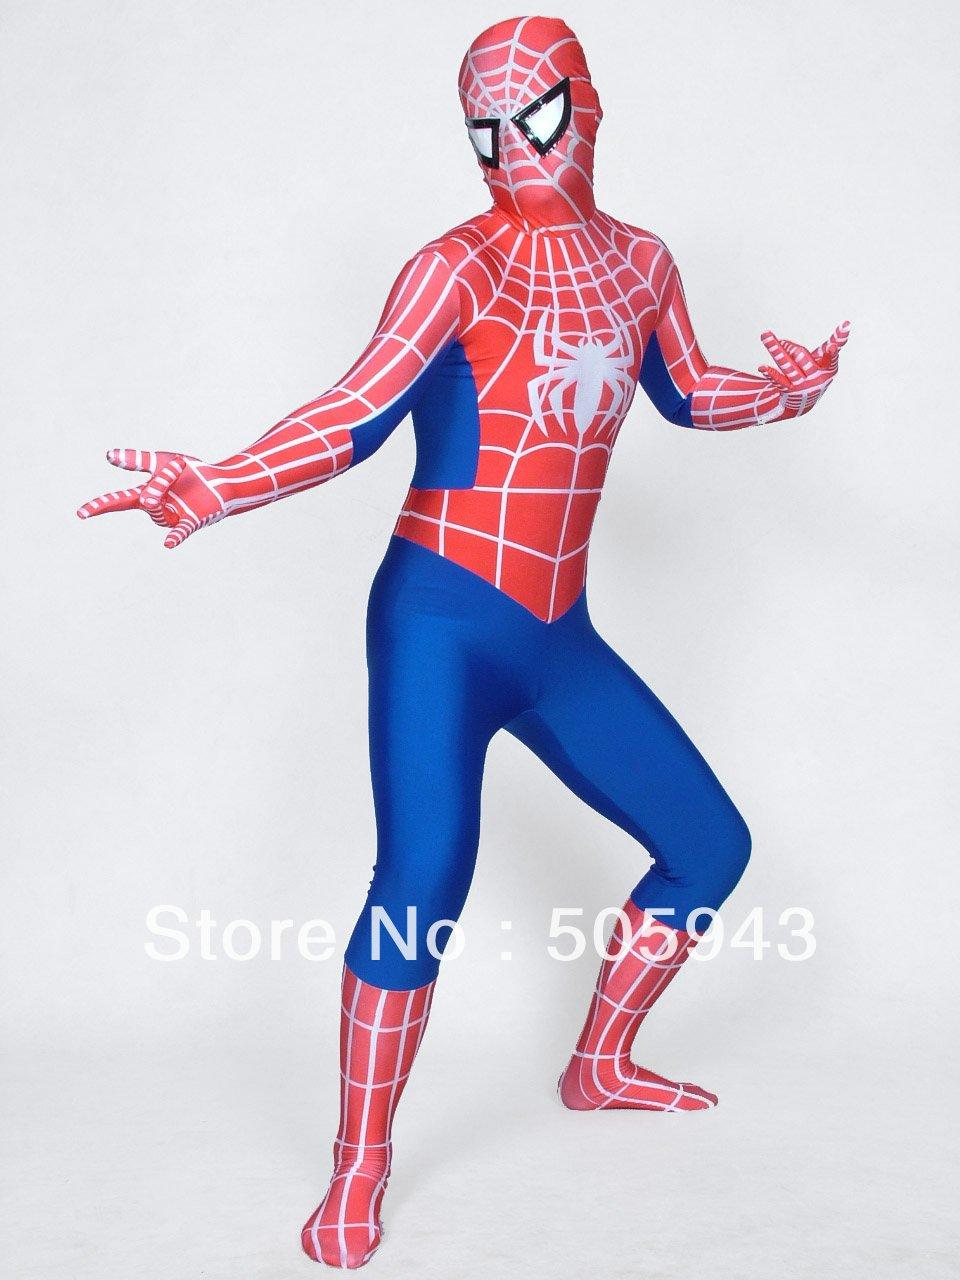 இfree shipping dhl new custom cyclops x-men superhero costume